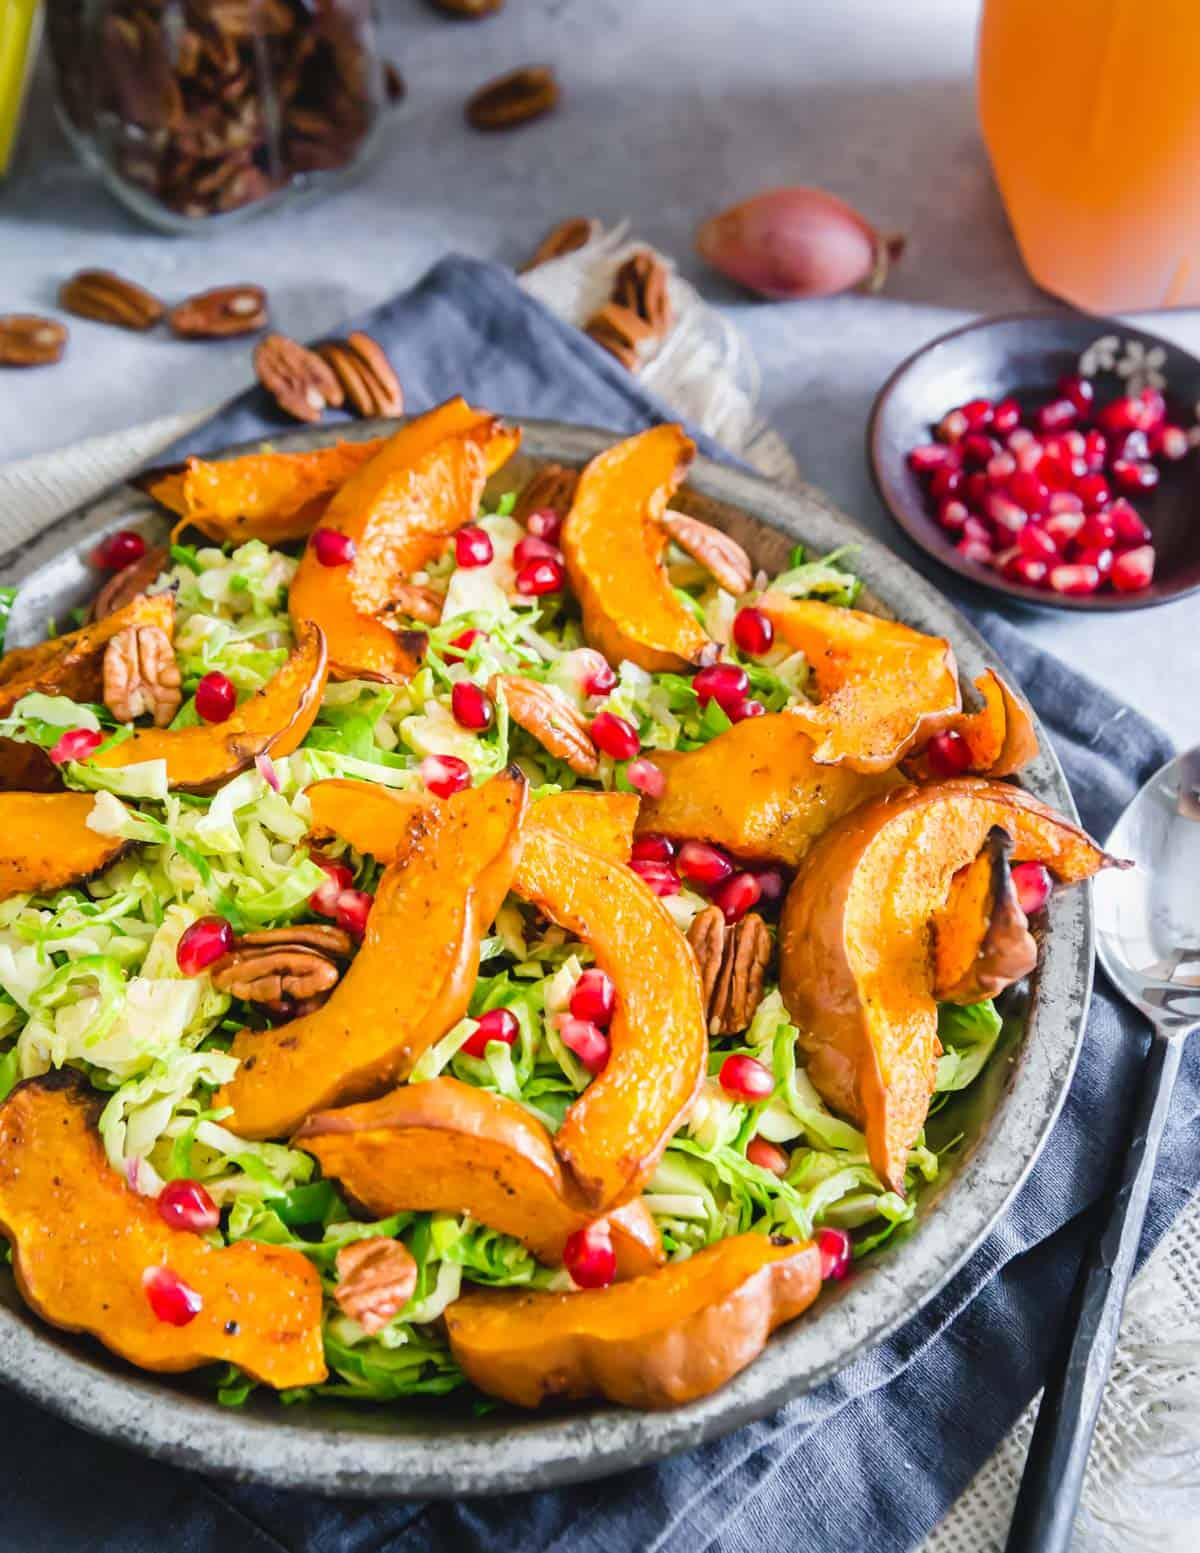 roasted koginut squash fall salad